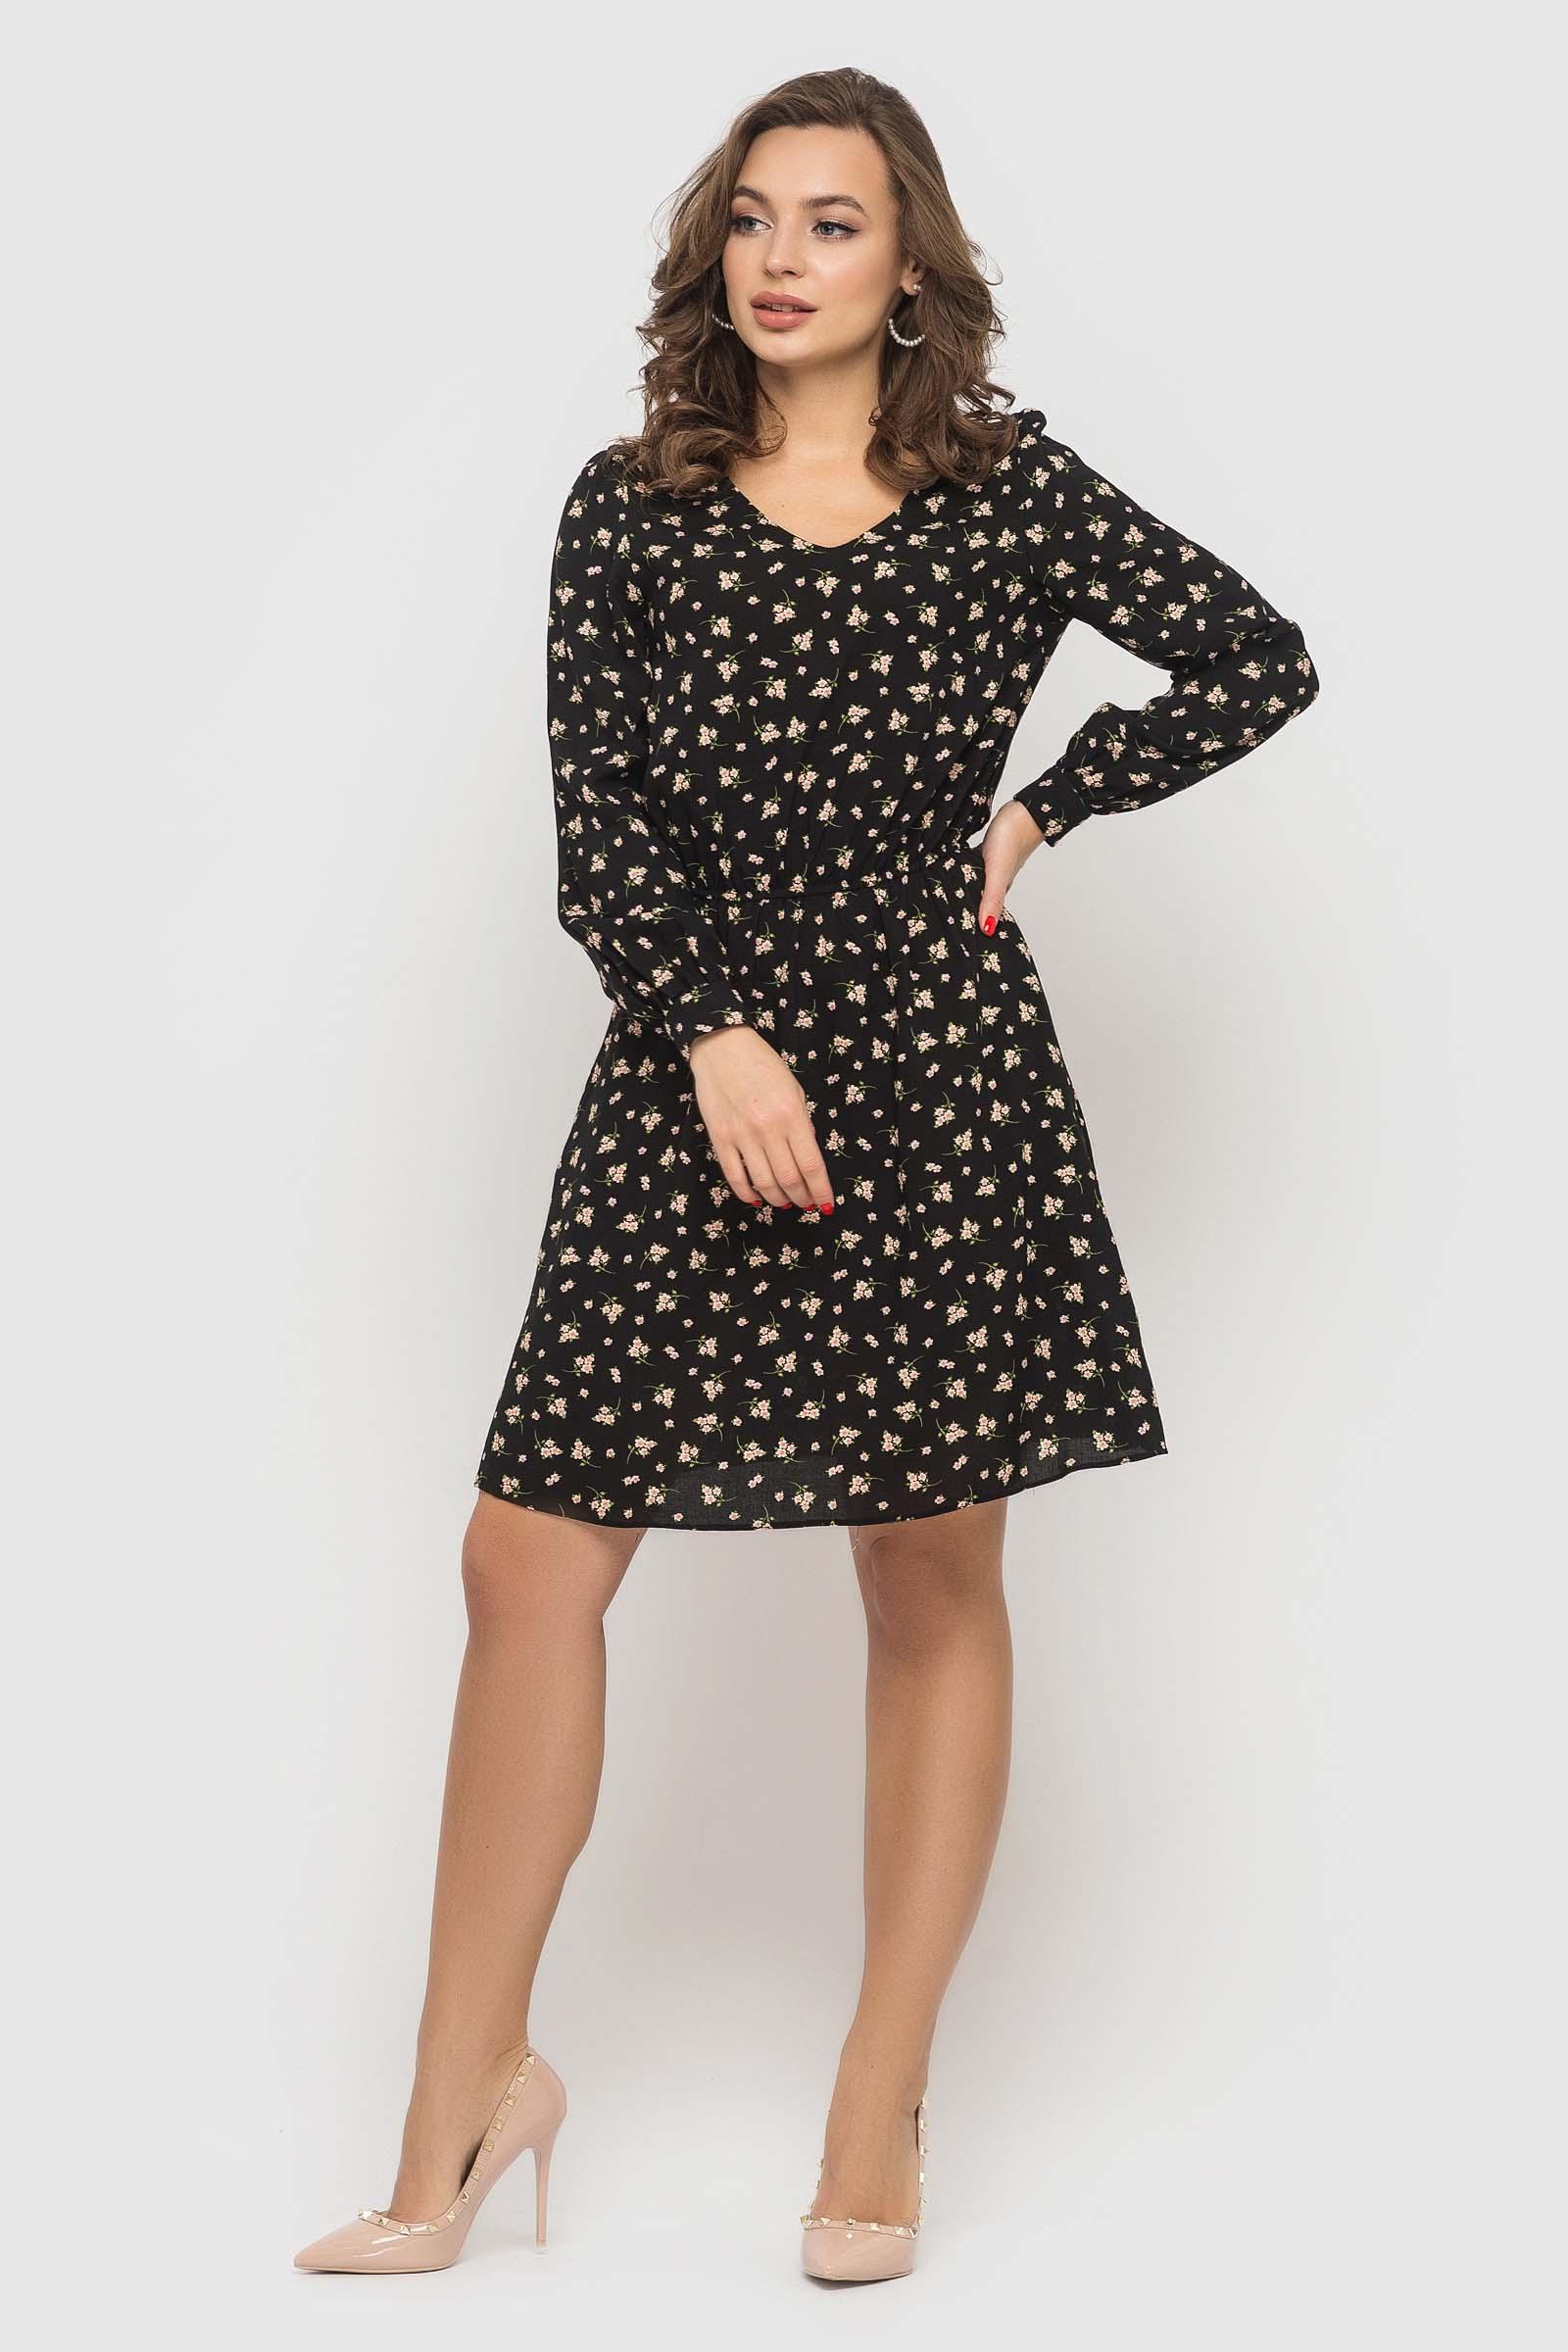 be art 2020 04 07182763 Купить платье